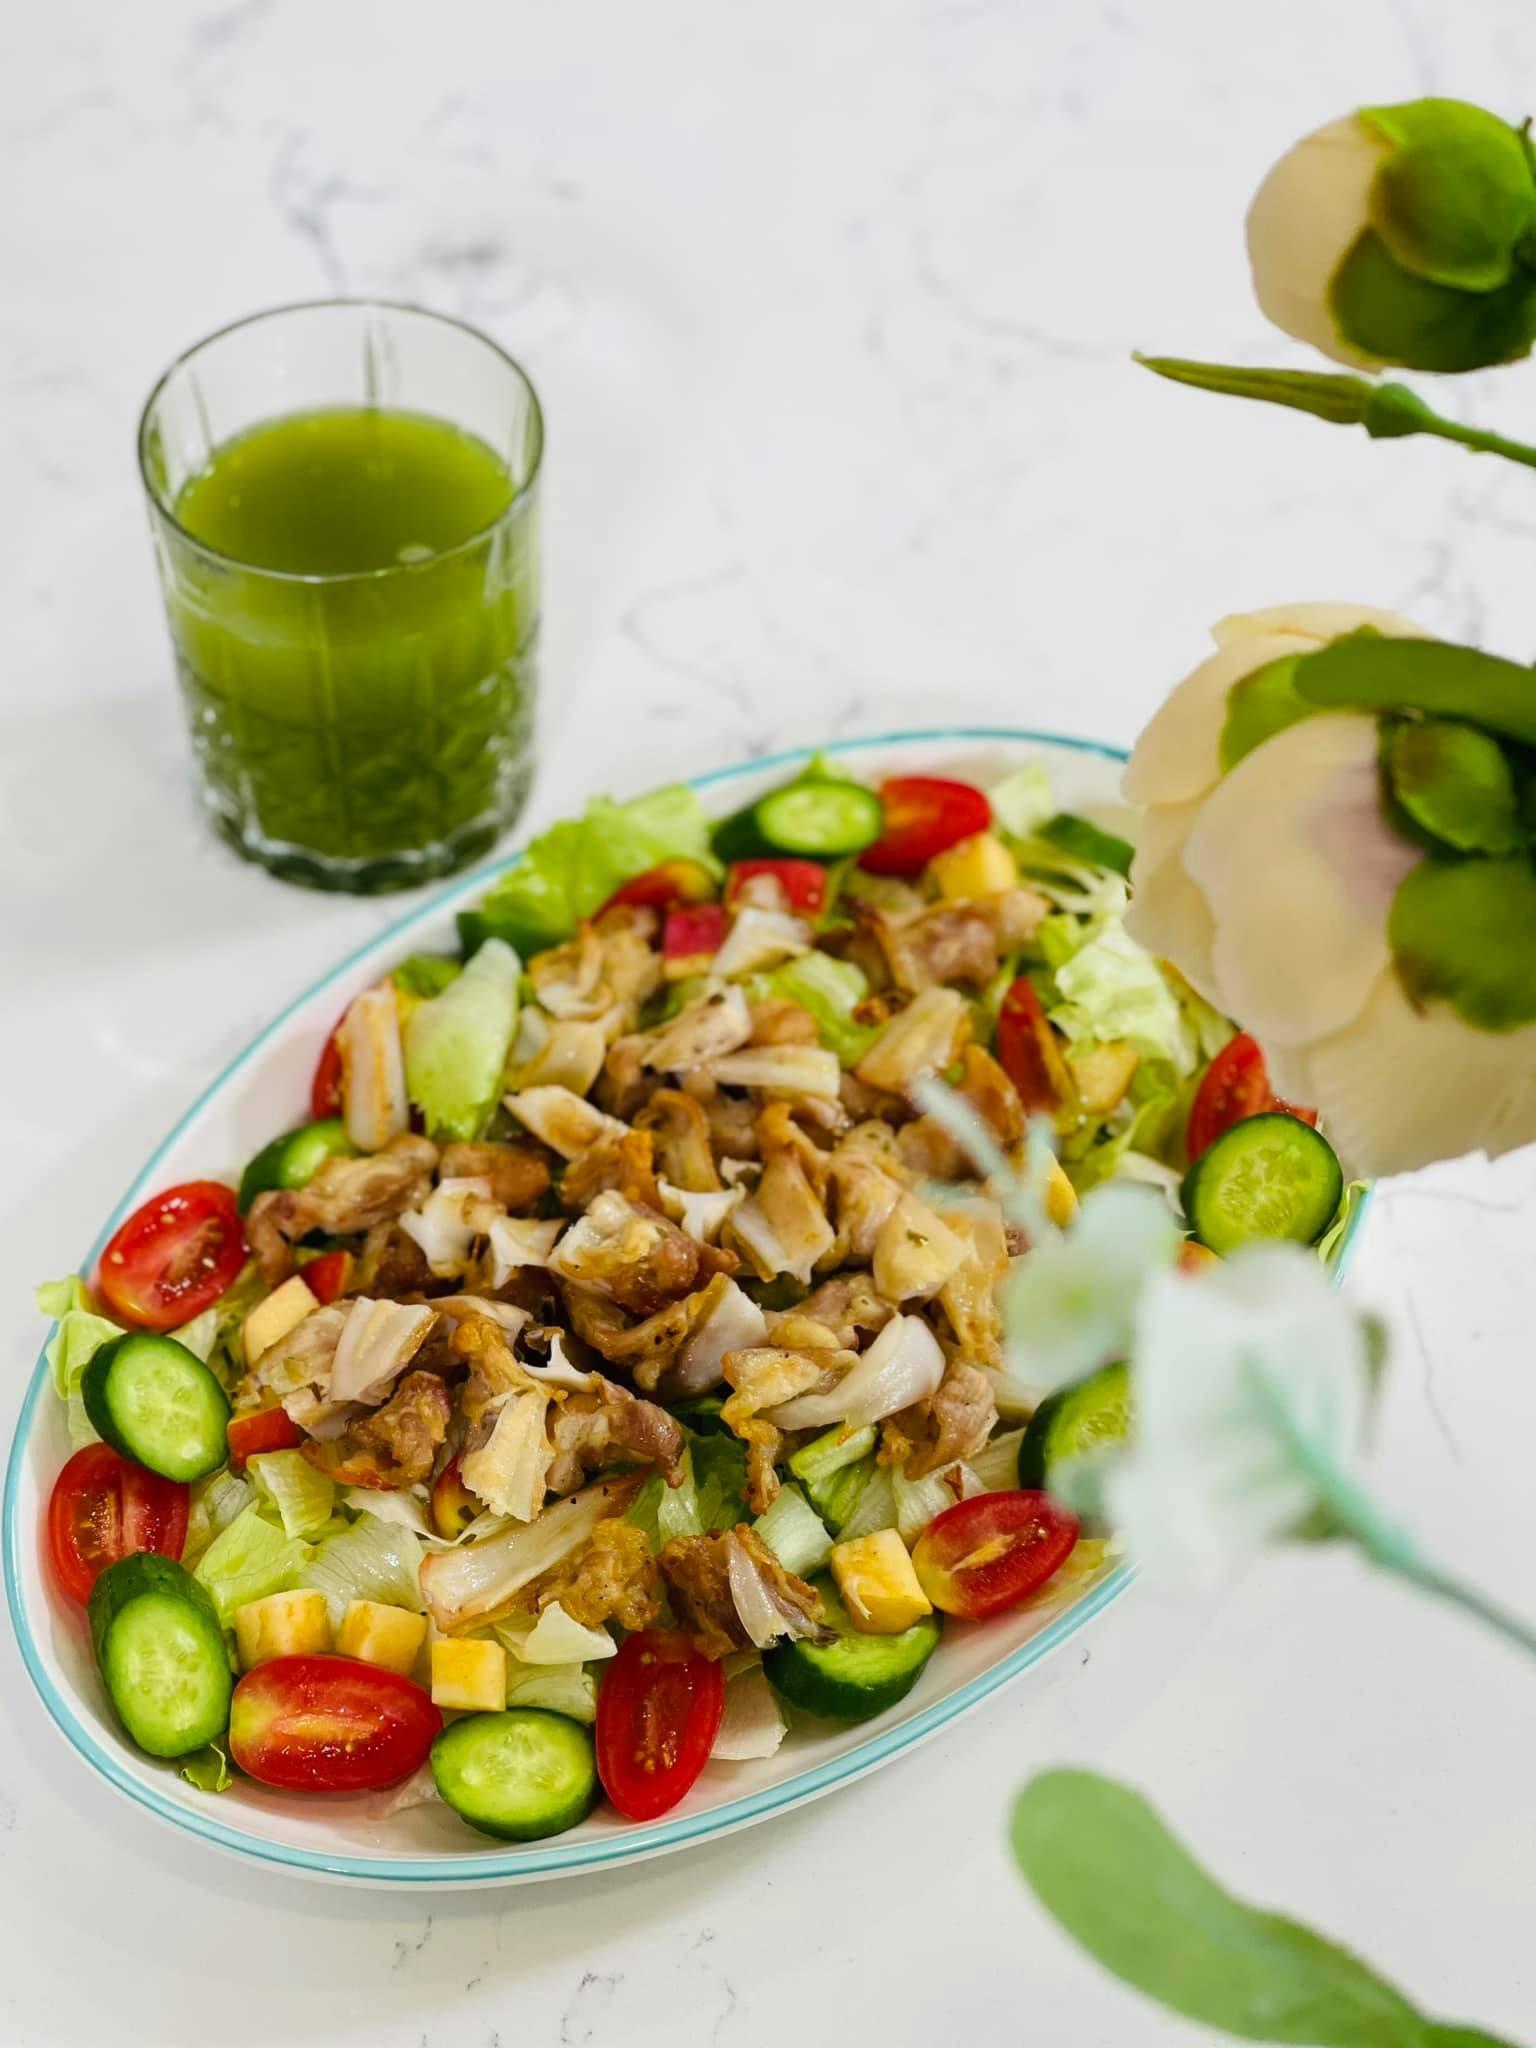 Ngọc Hân duy trì thói quen ăn uống đủ chất để bảo vệ sức khỏe lẫn giữ gìn vóc dáng.